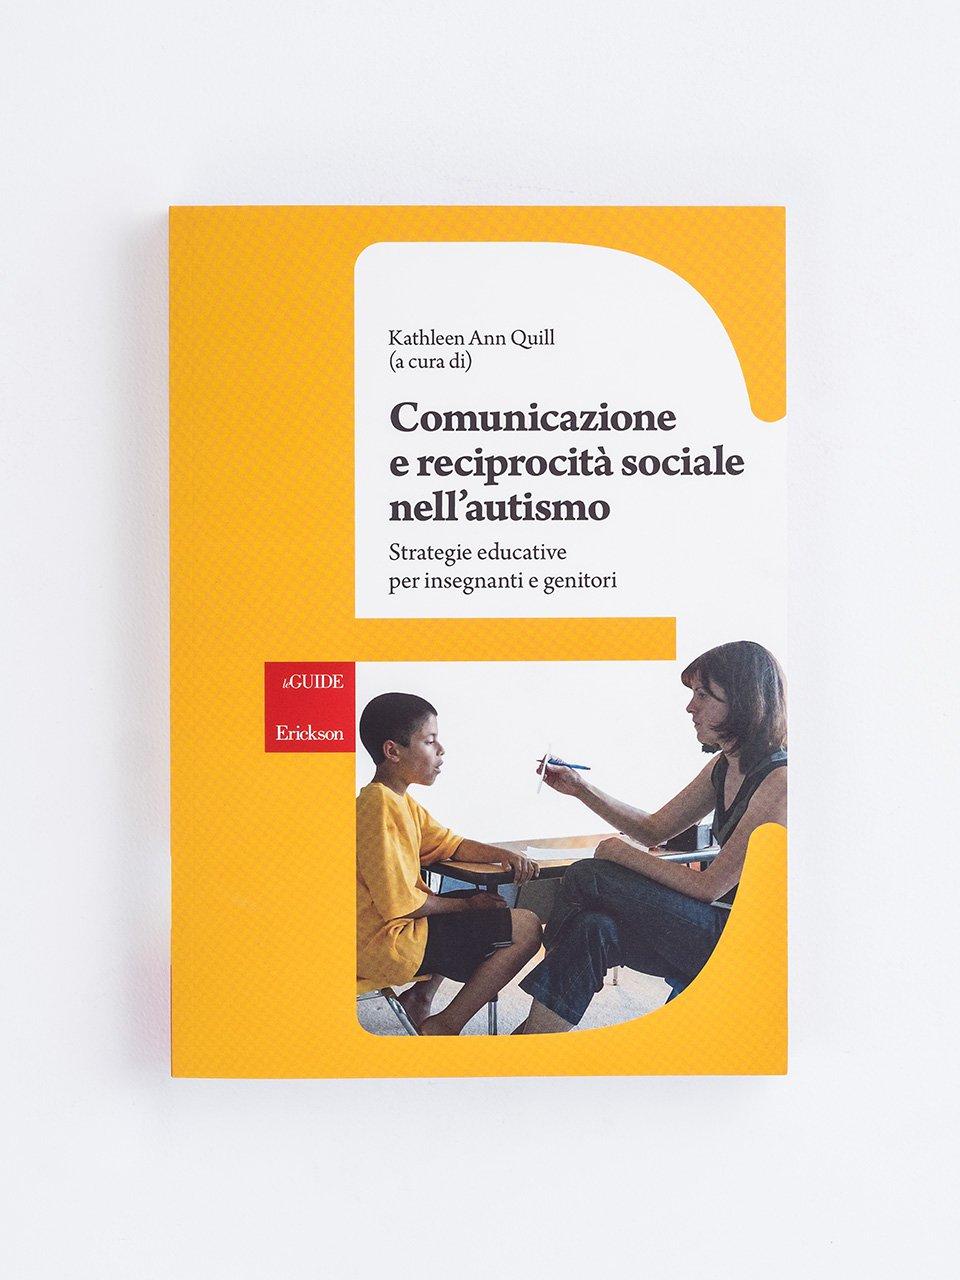 Comunicazione e reciprocità sociale nell'autismo - La paura delle malattie - Libri - Erickson